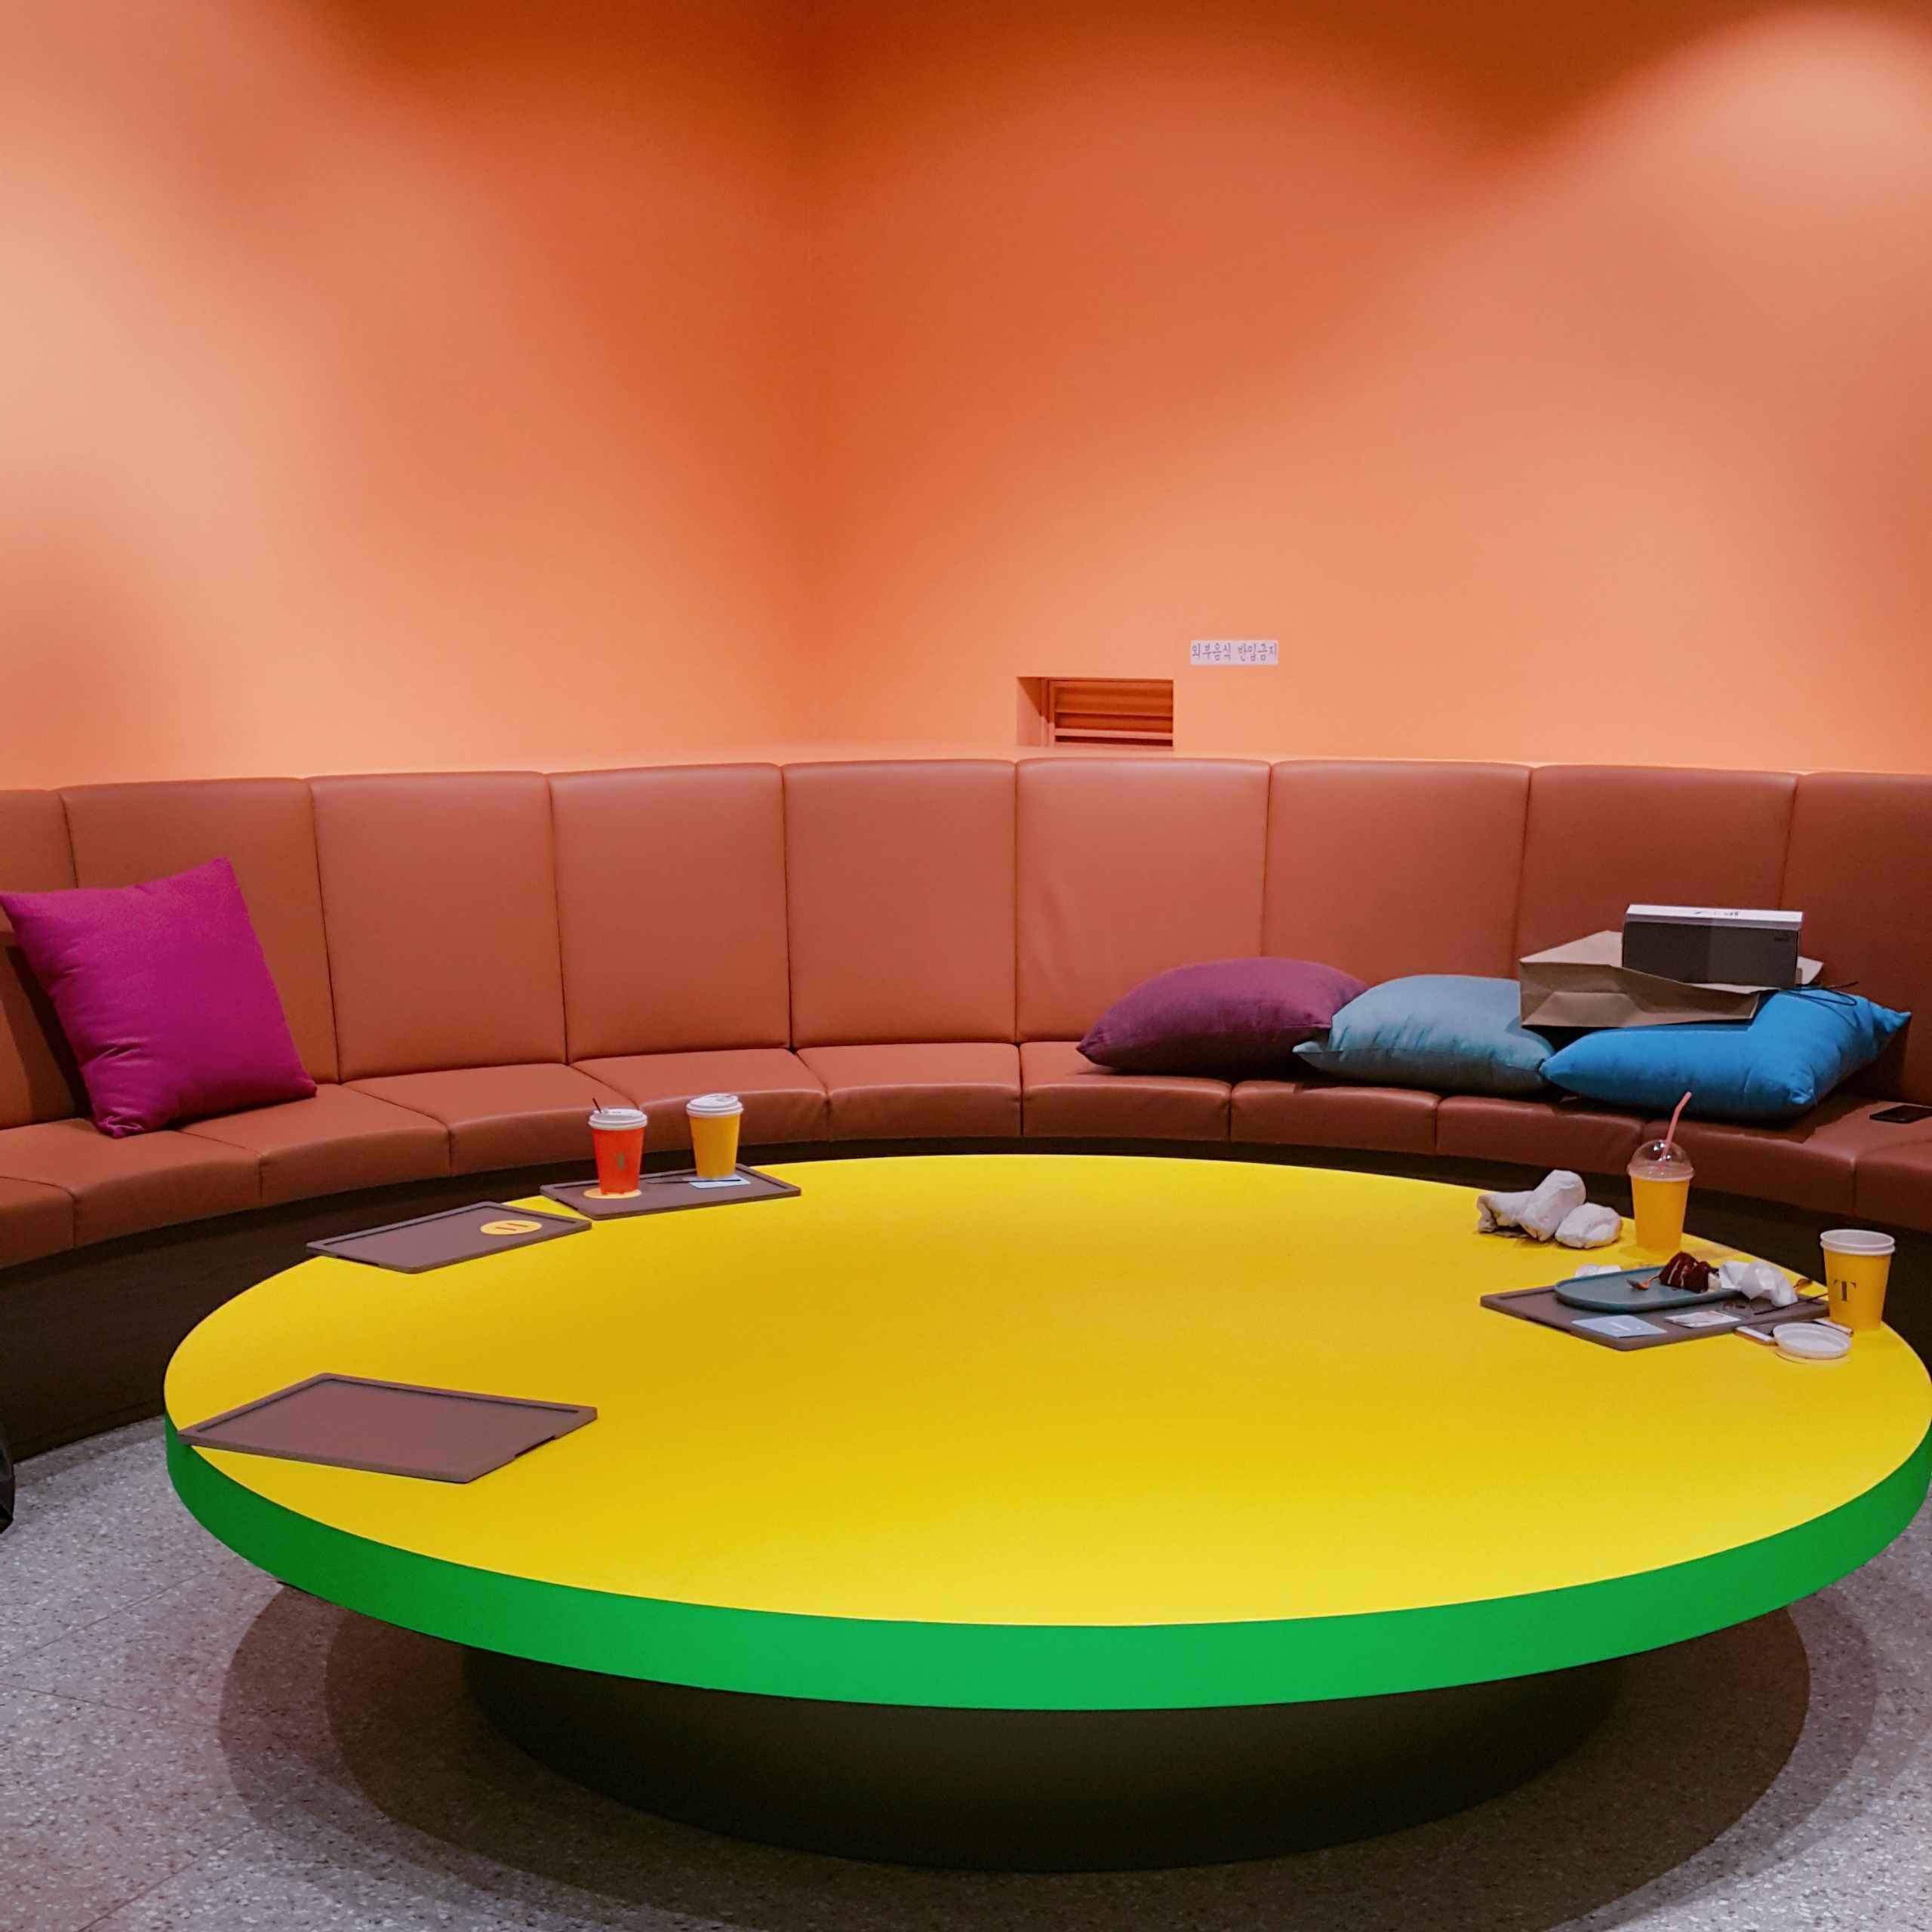 還有一張超級大圓桌!一班同學一起去也是非常OK的!